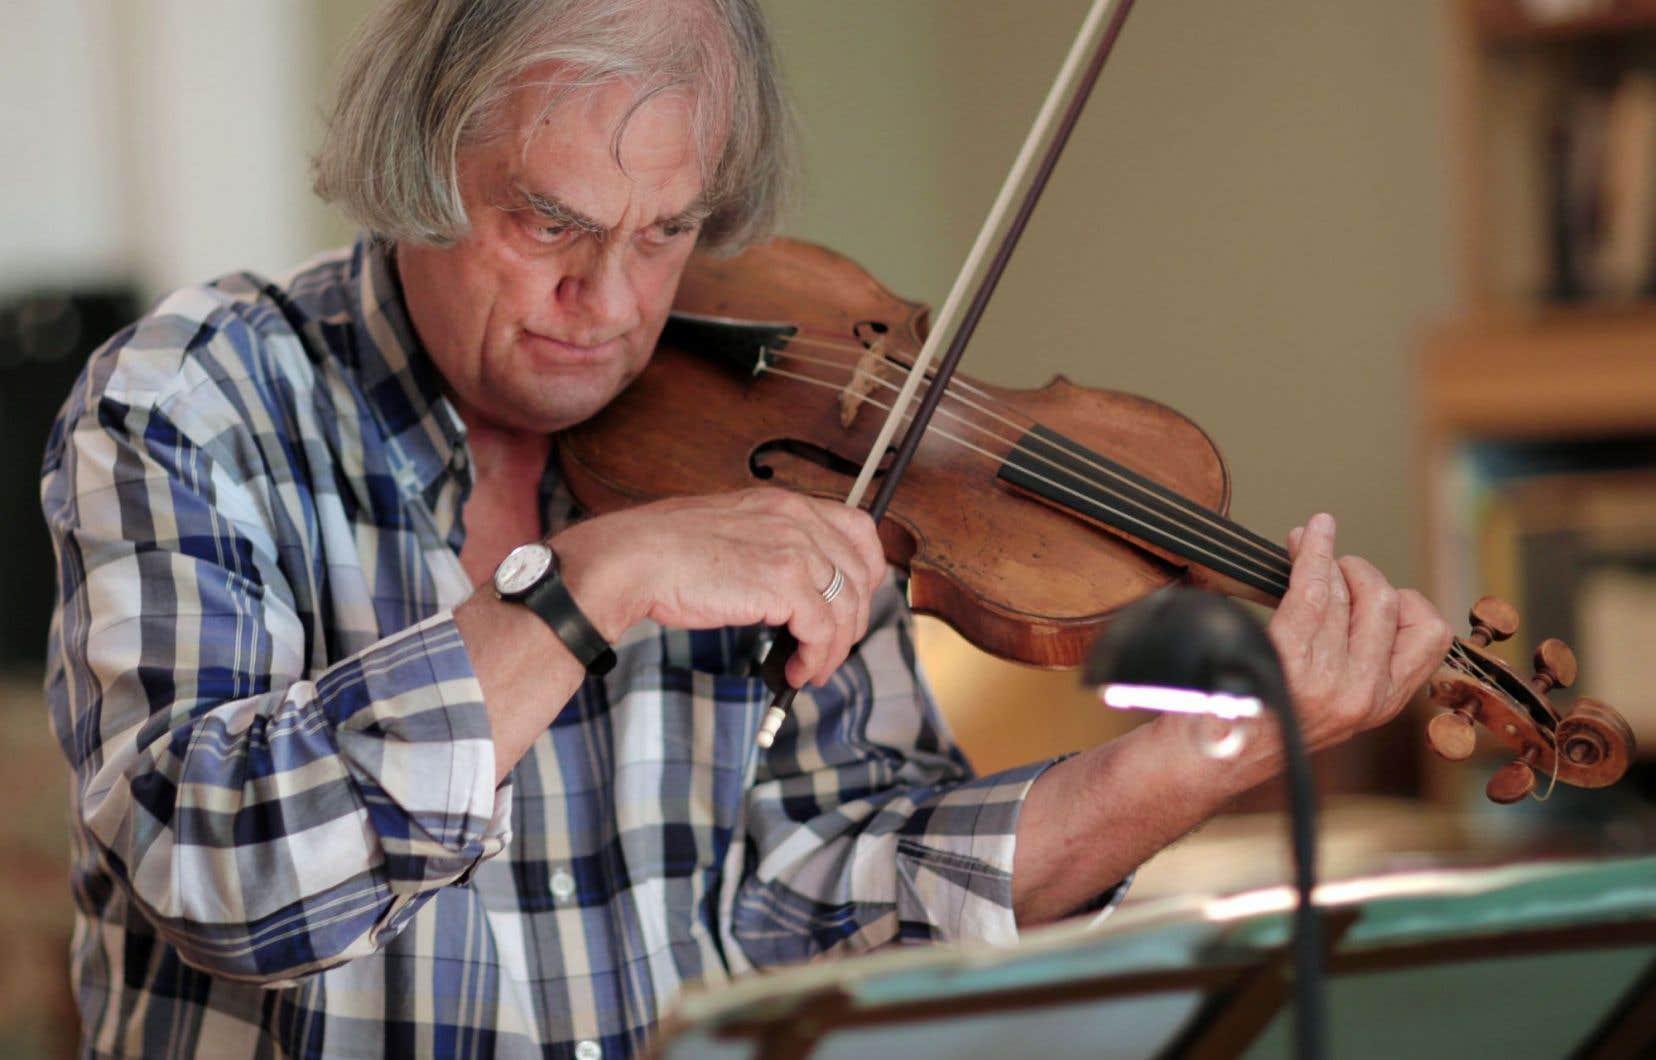 Sigiswald Kuijken en répétition au violon à la veille du festival Montréal baroque.